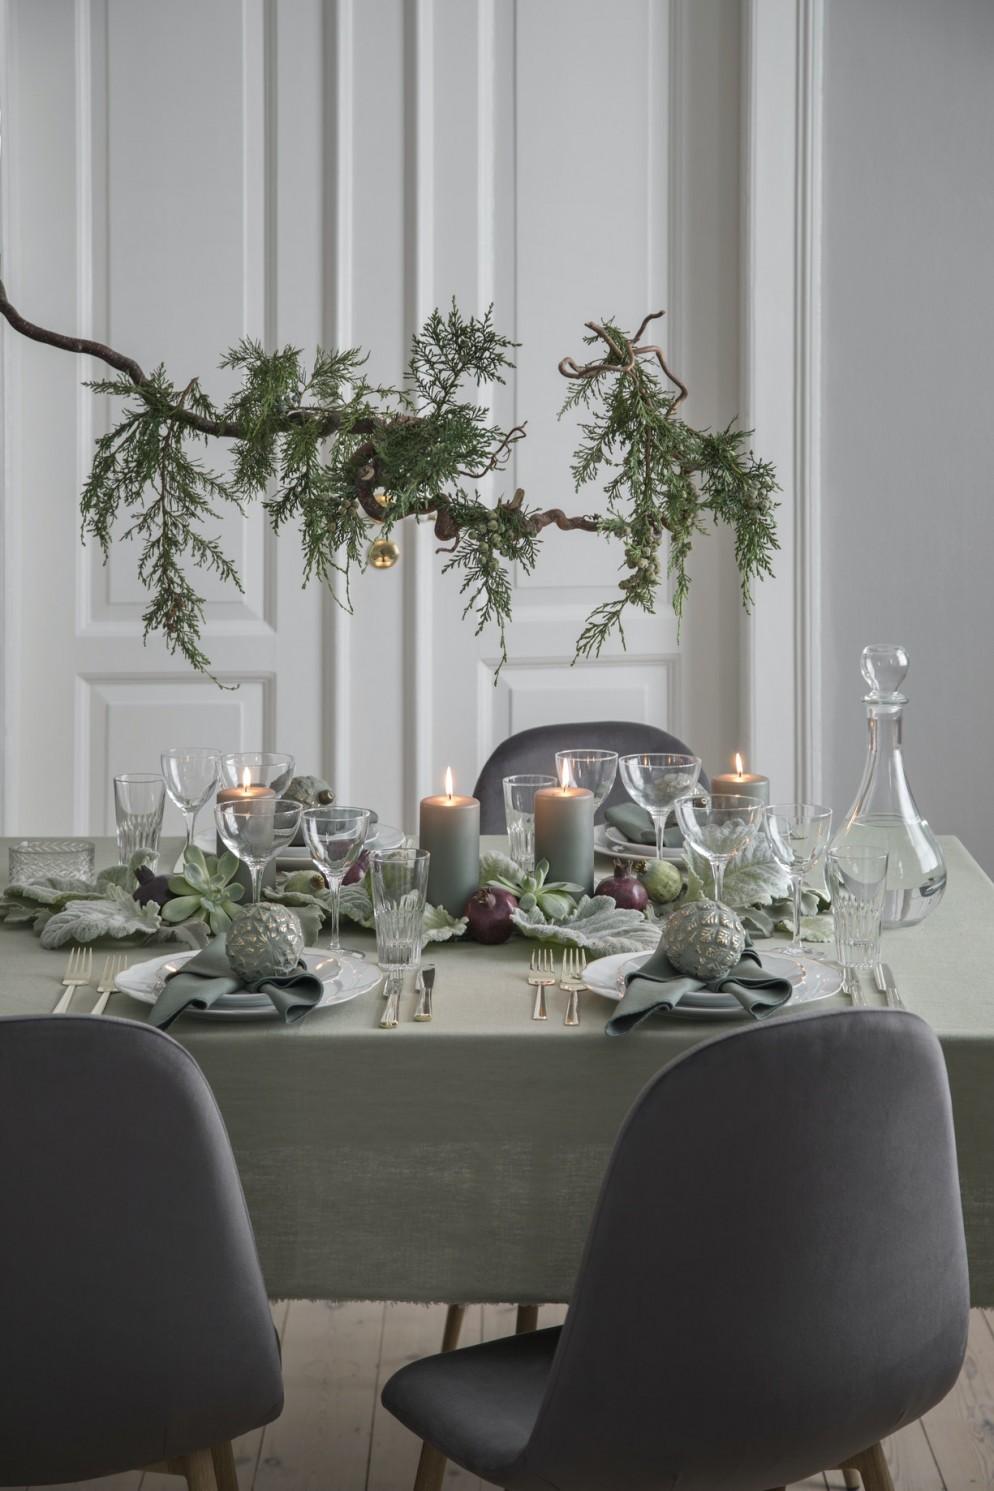 centrotavola-natalizi-2020-eleganti-moderni-14-living-corriere